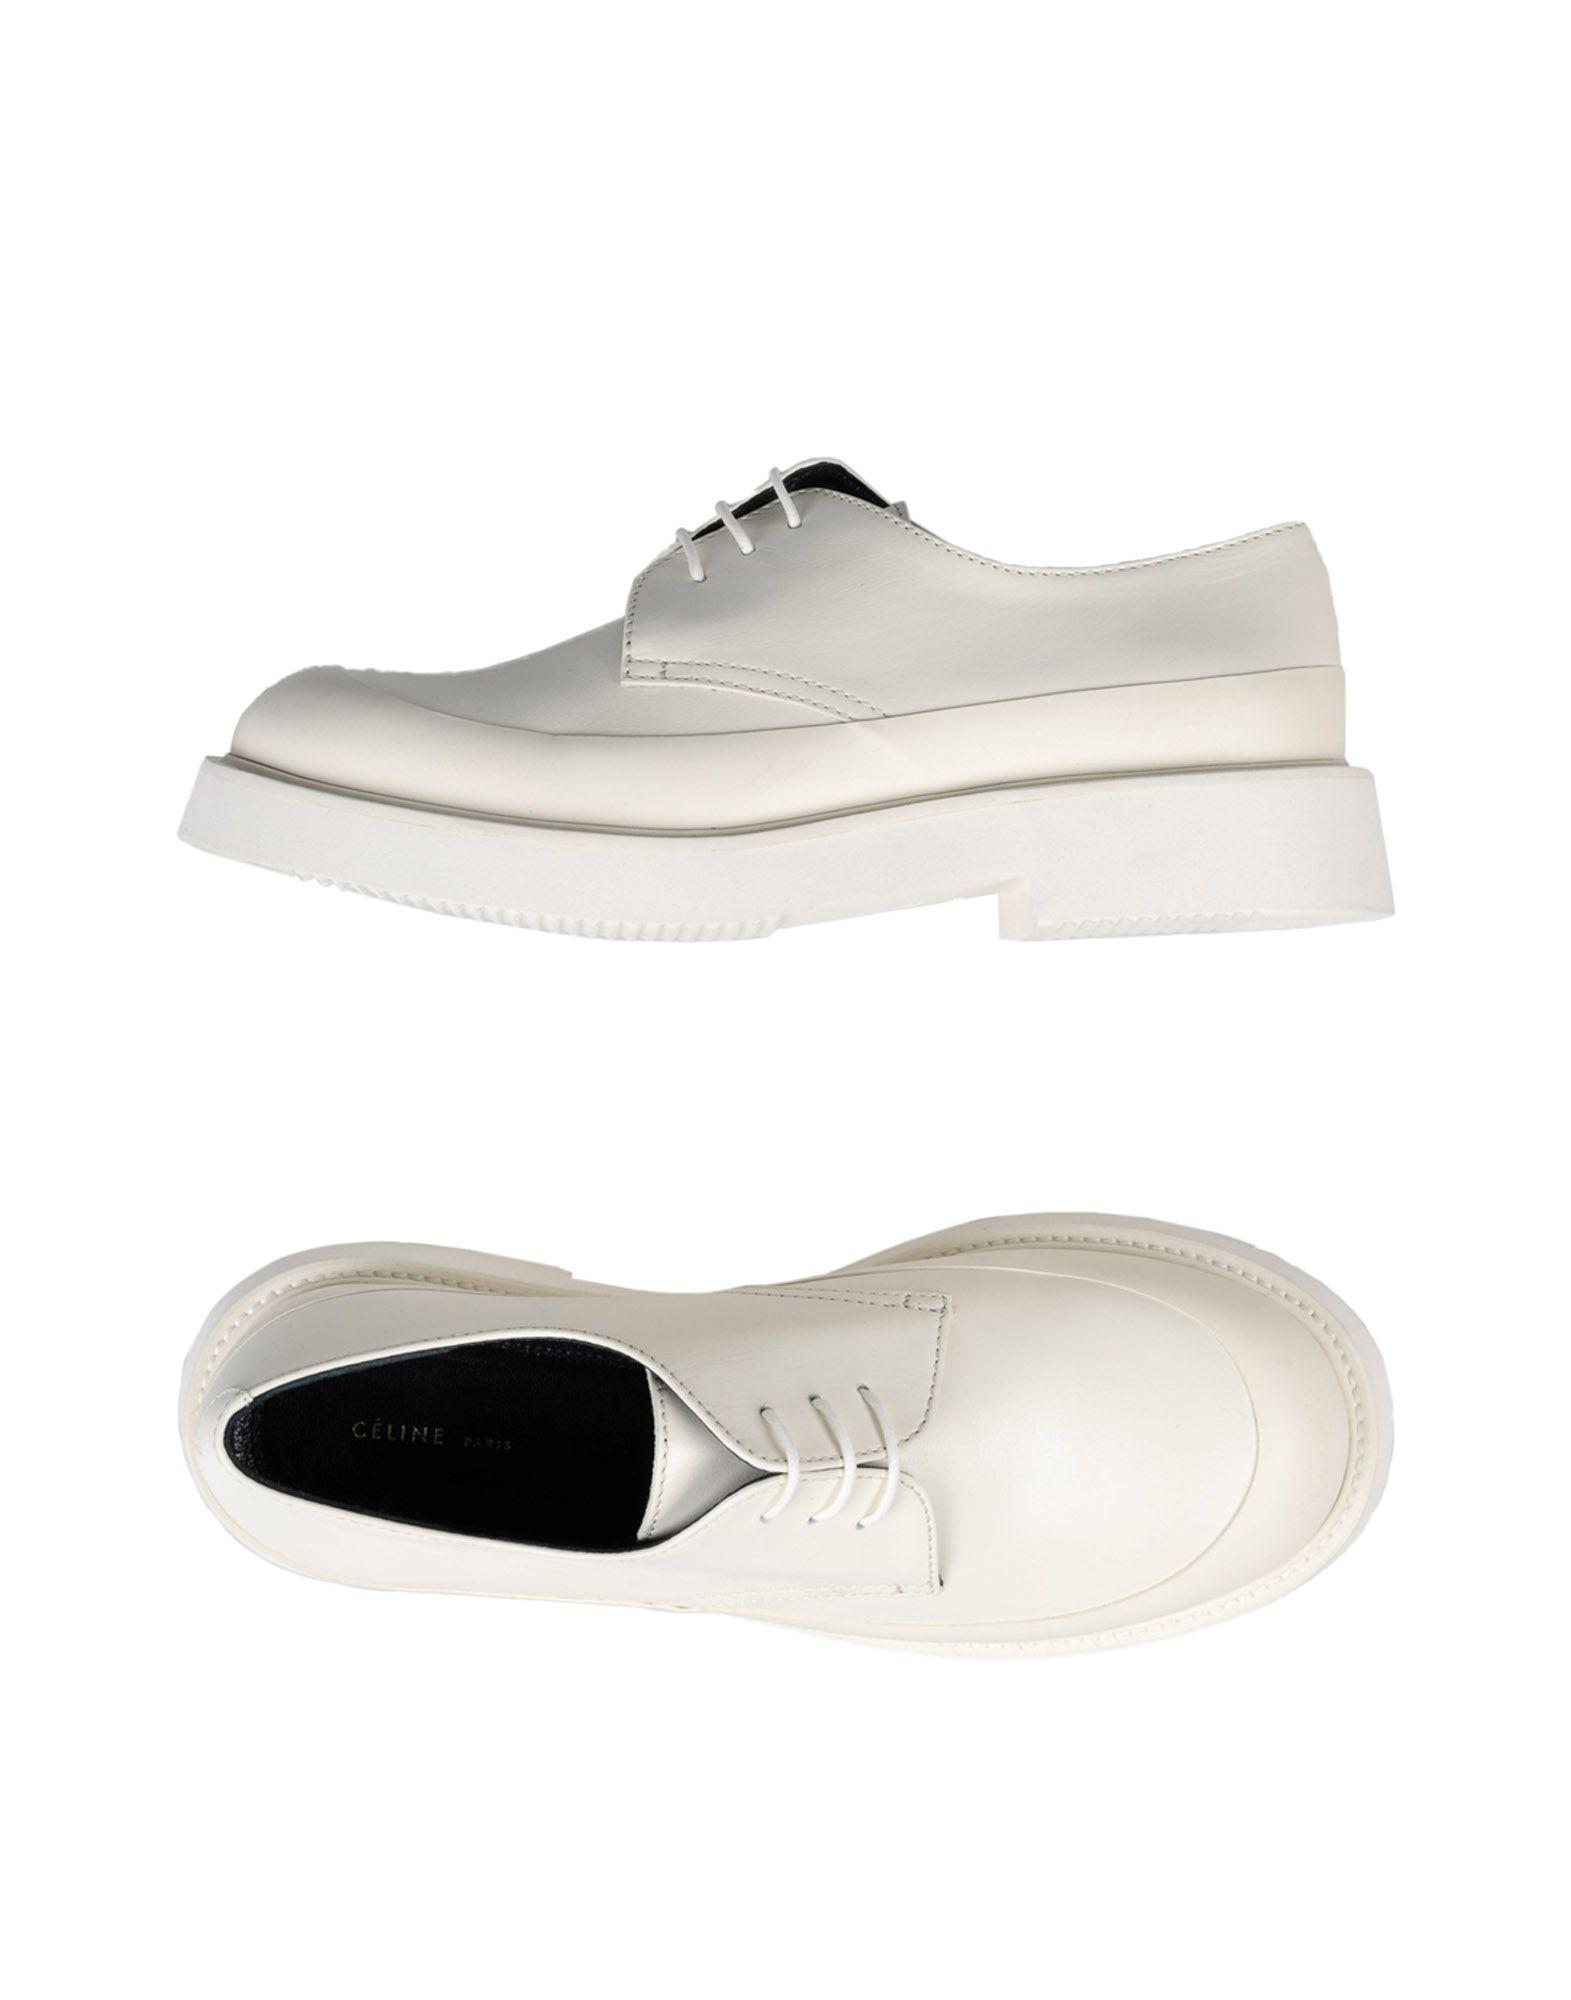 FOOTWEAR - Lace-up shoes Celine rMtdWtYb